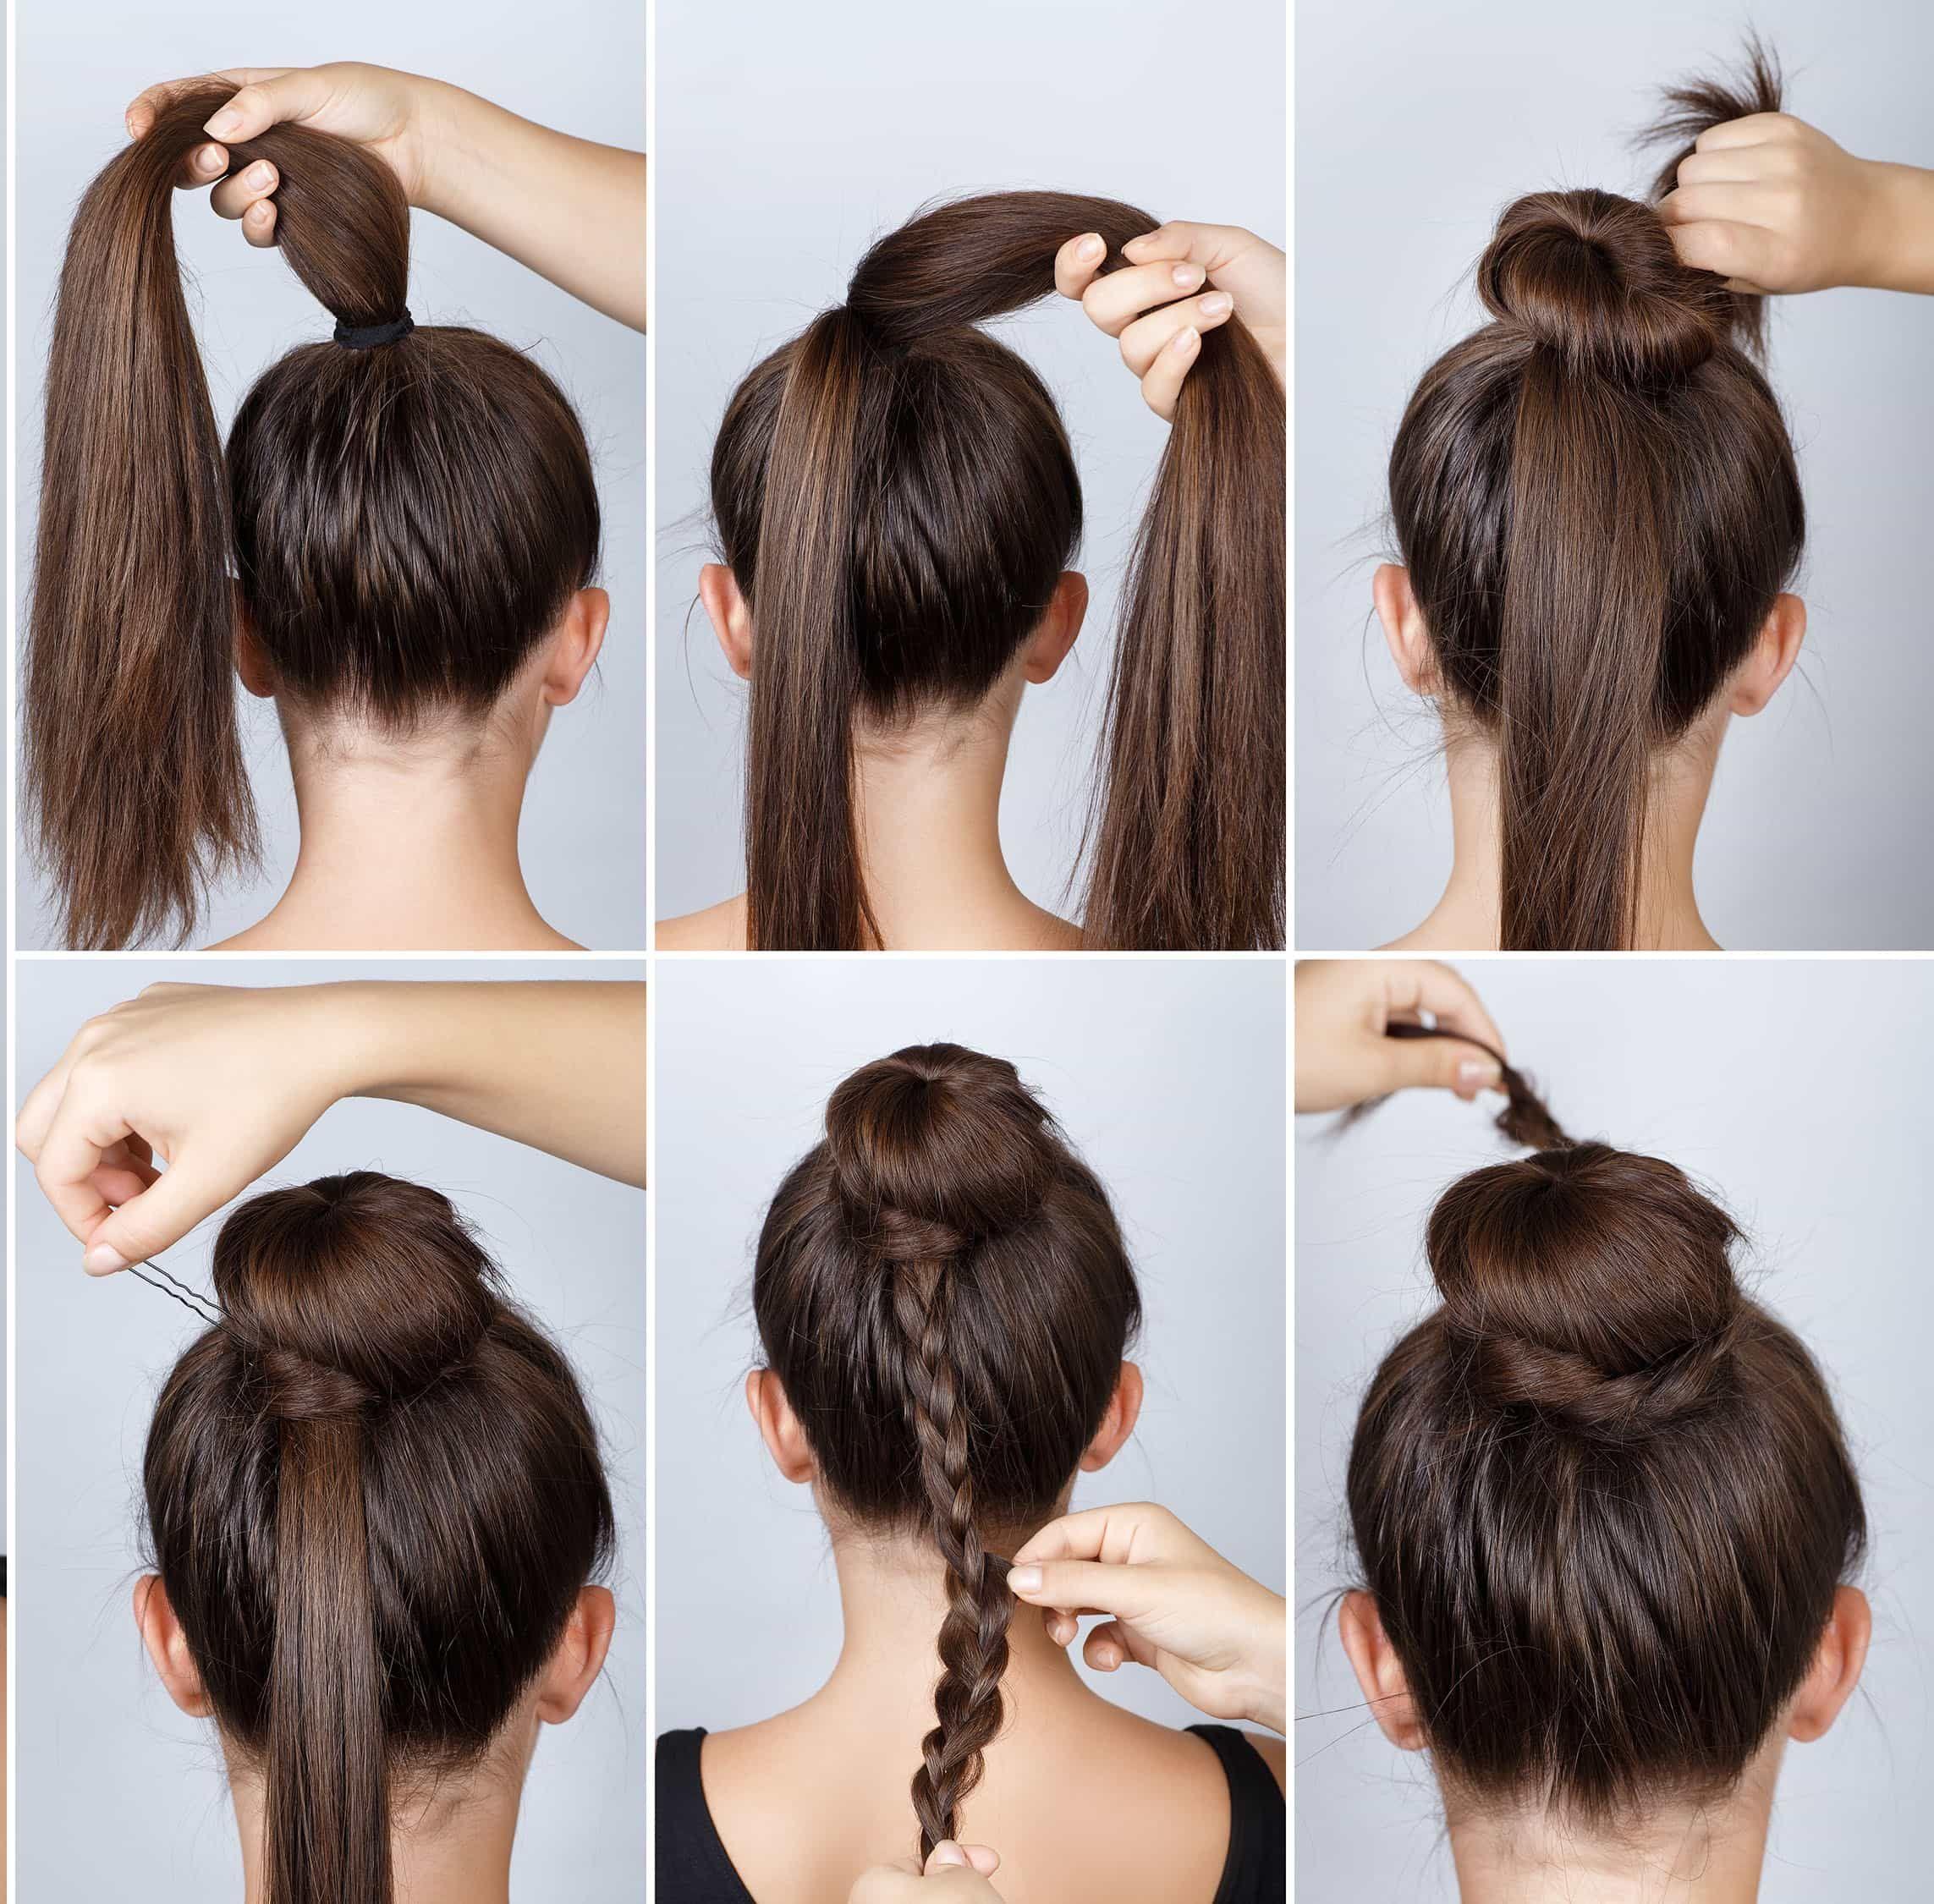 включает как сделать красивый пучок из волос фото желтом море, удивляйтесь